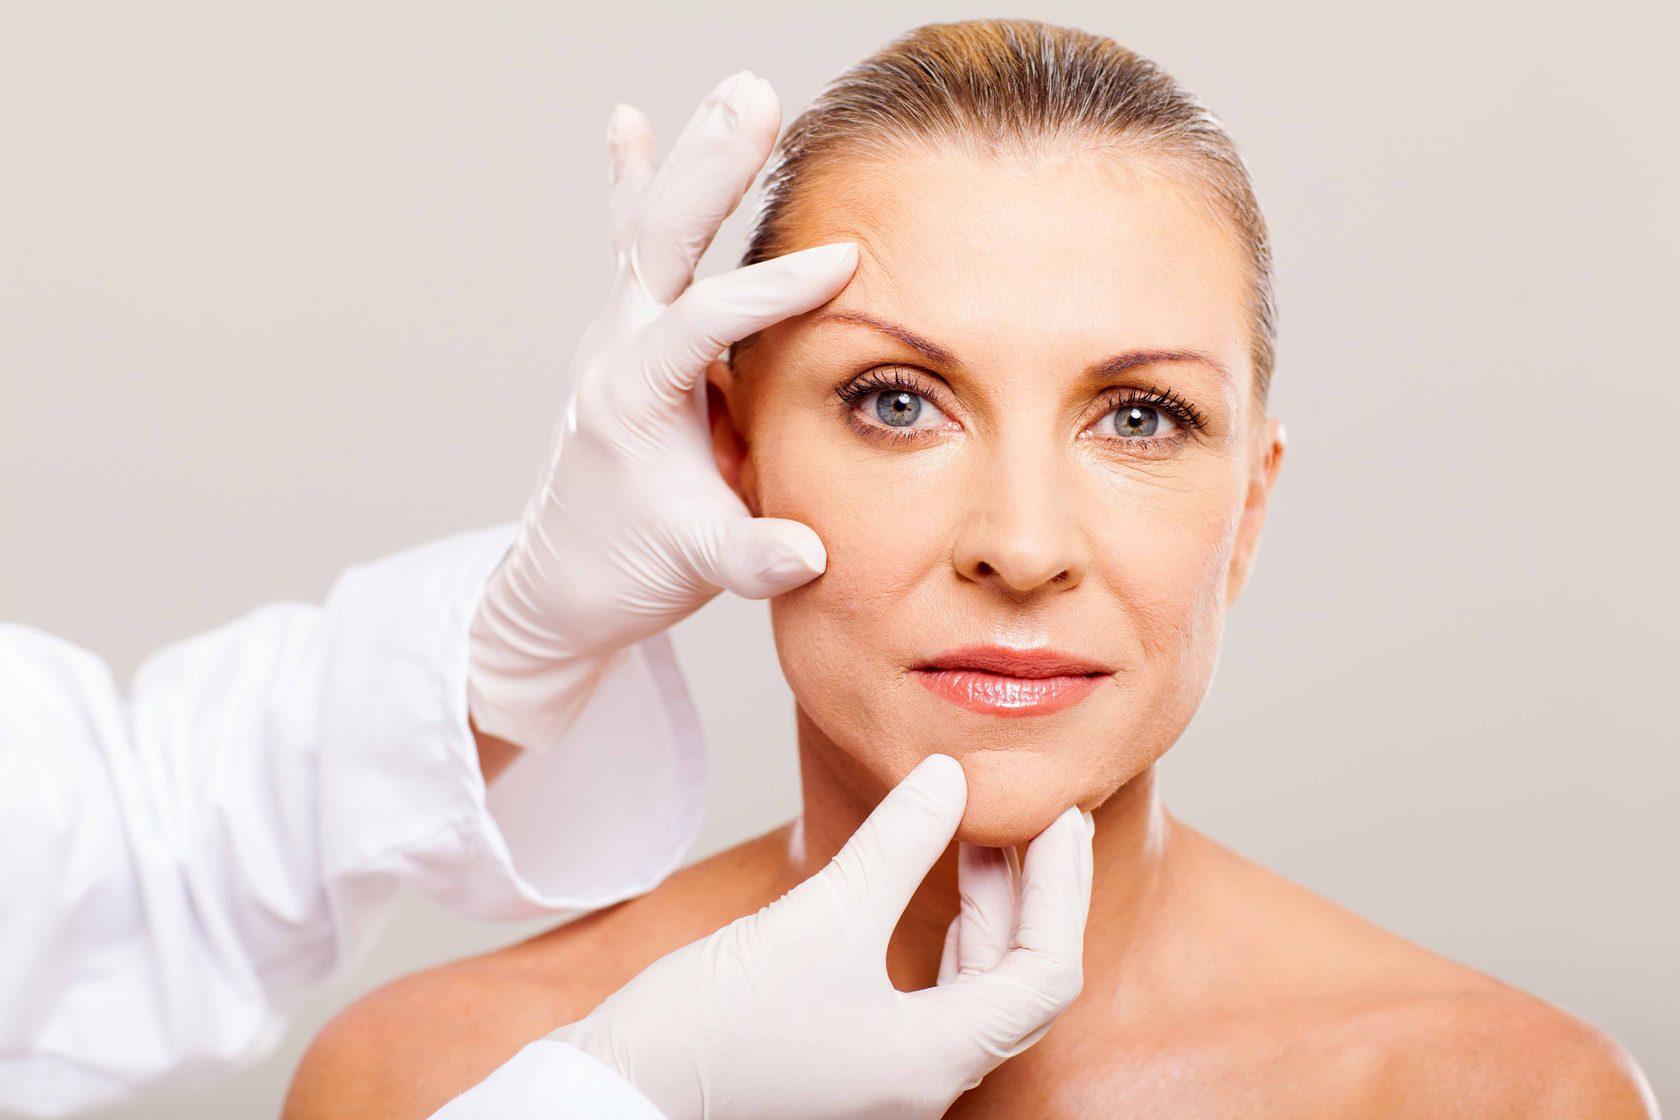 Старение кожи - одна из проблем, с которой поможет справиться процедура